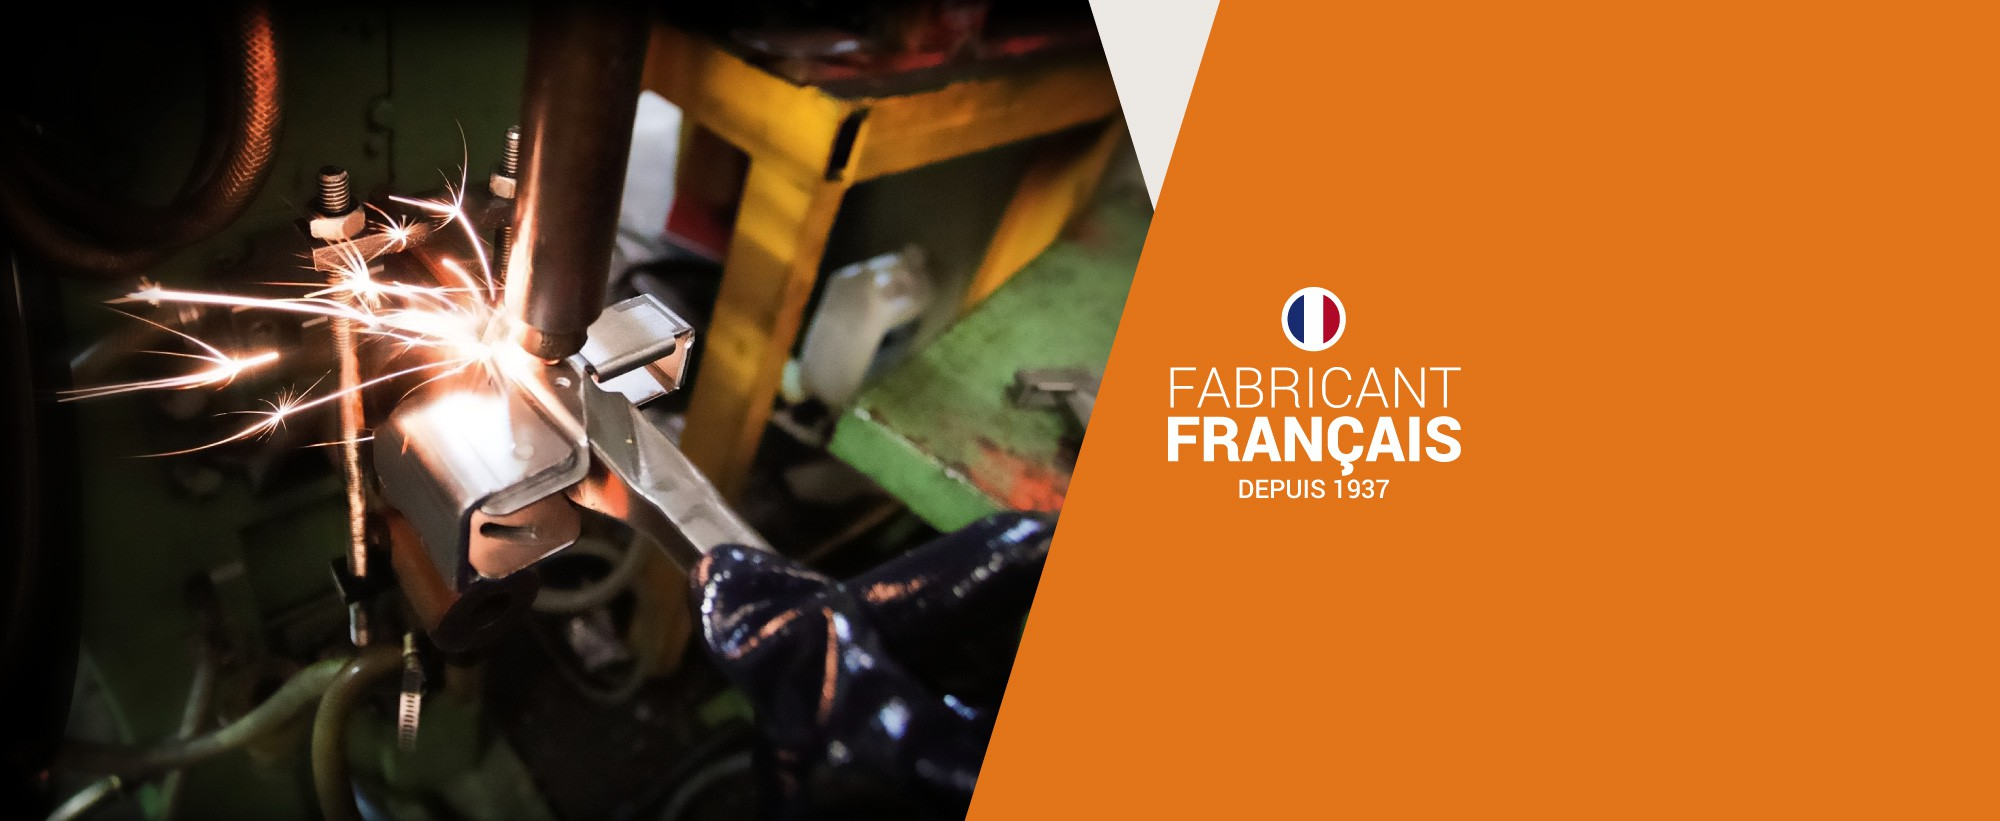 Fabricant francais depuis 1937